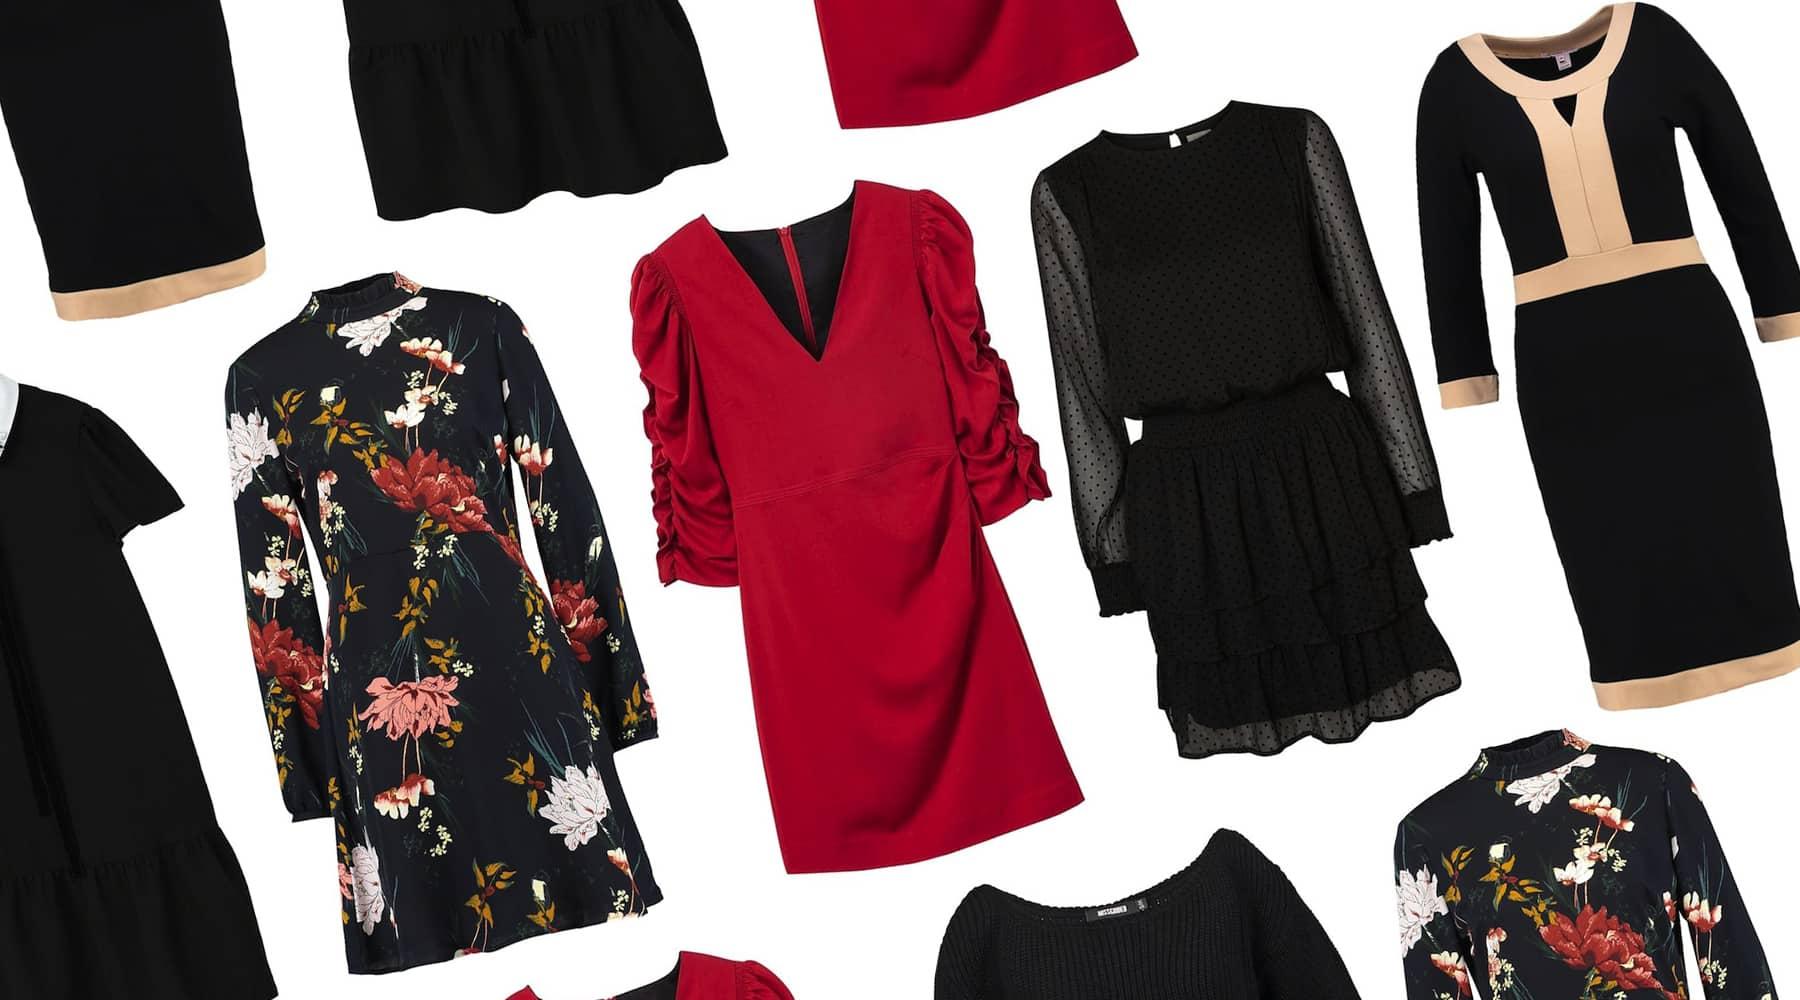 Vestiti low cost: 20 modelli sotto i 70 euro perfetti per l'inverno